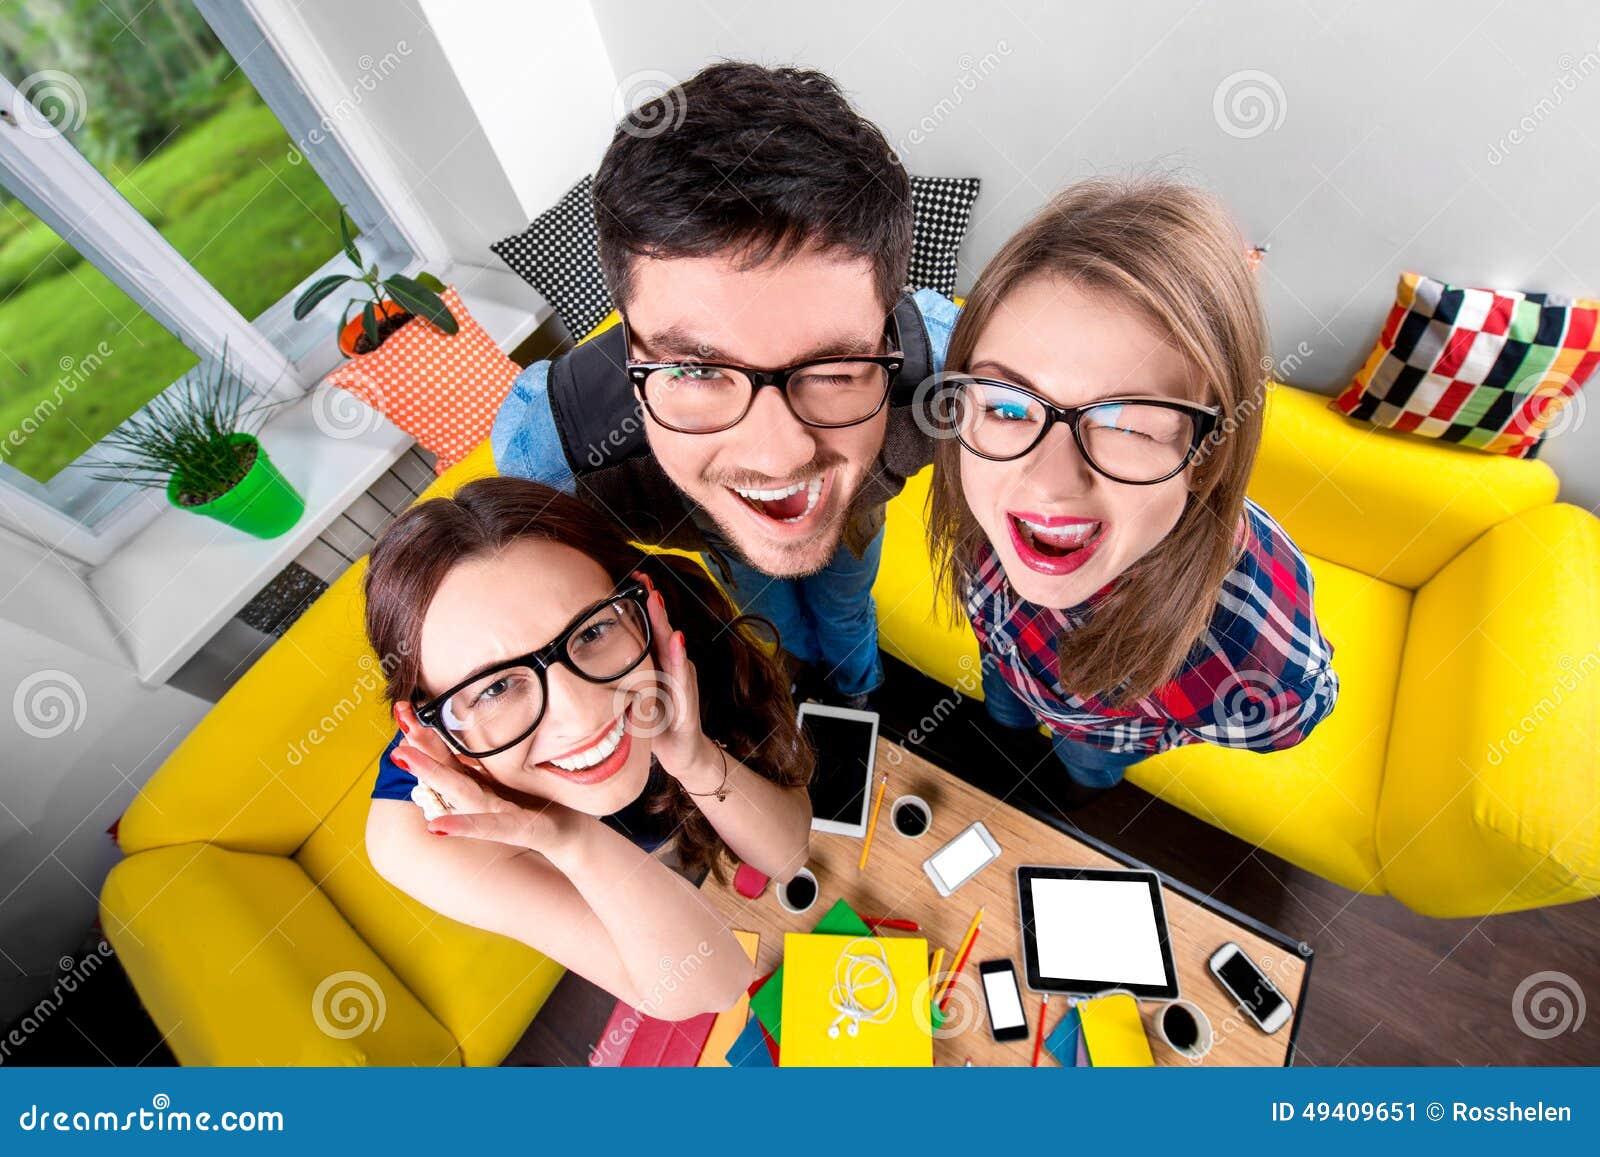 Download Drei Lustige Sonderlinge Zusammen Stockbild - Bild von schrei, lustig: 49409651